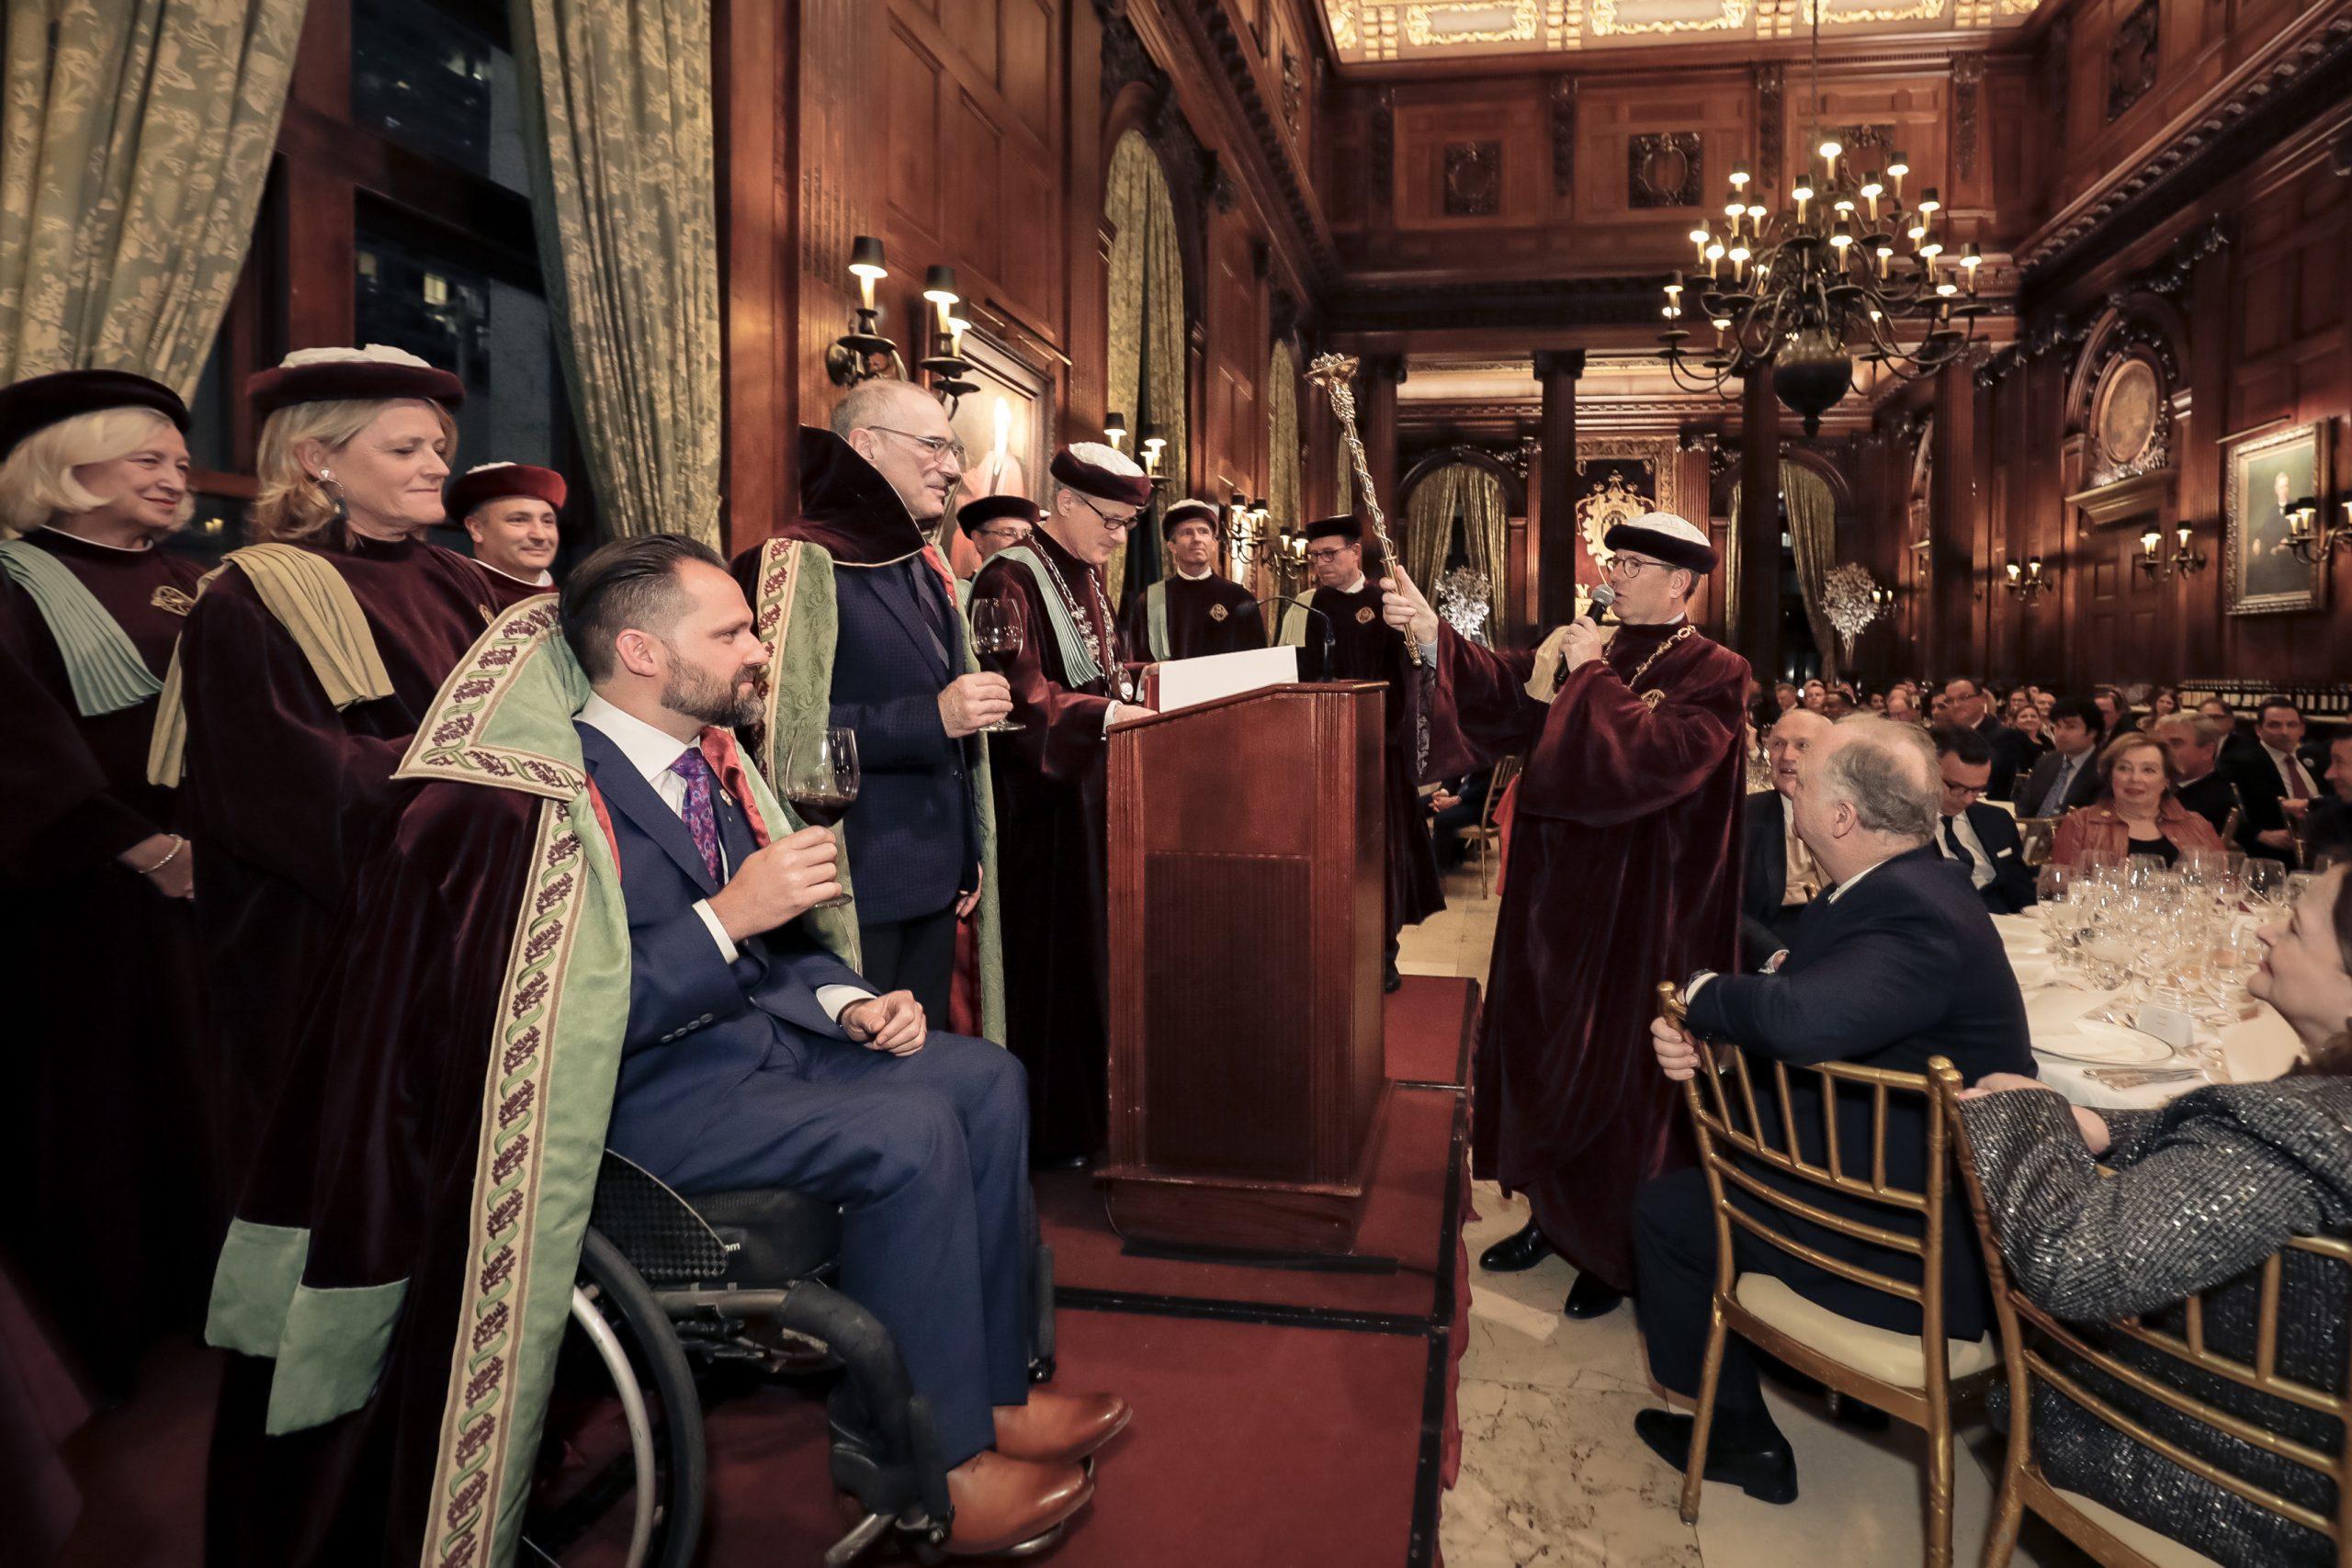 Le 4 mars 2019, Yannick Benjamin a prêté serment de fidélité à la Confrérie du Bontemps comme ambassadeur des vins de Médoc, Graves, Sauternes et Barsac